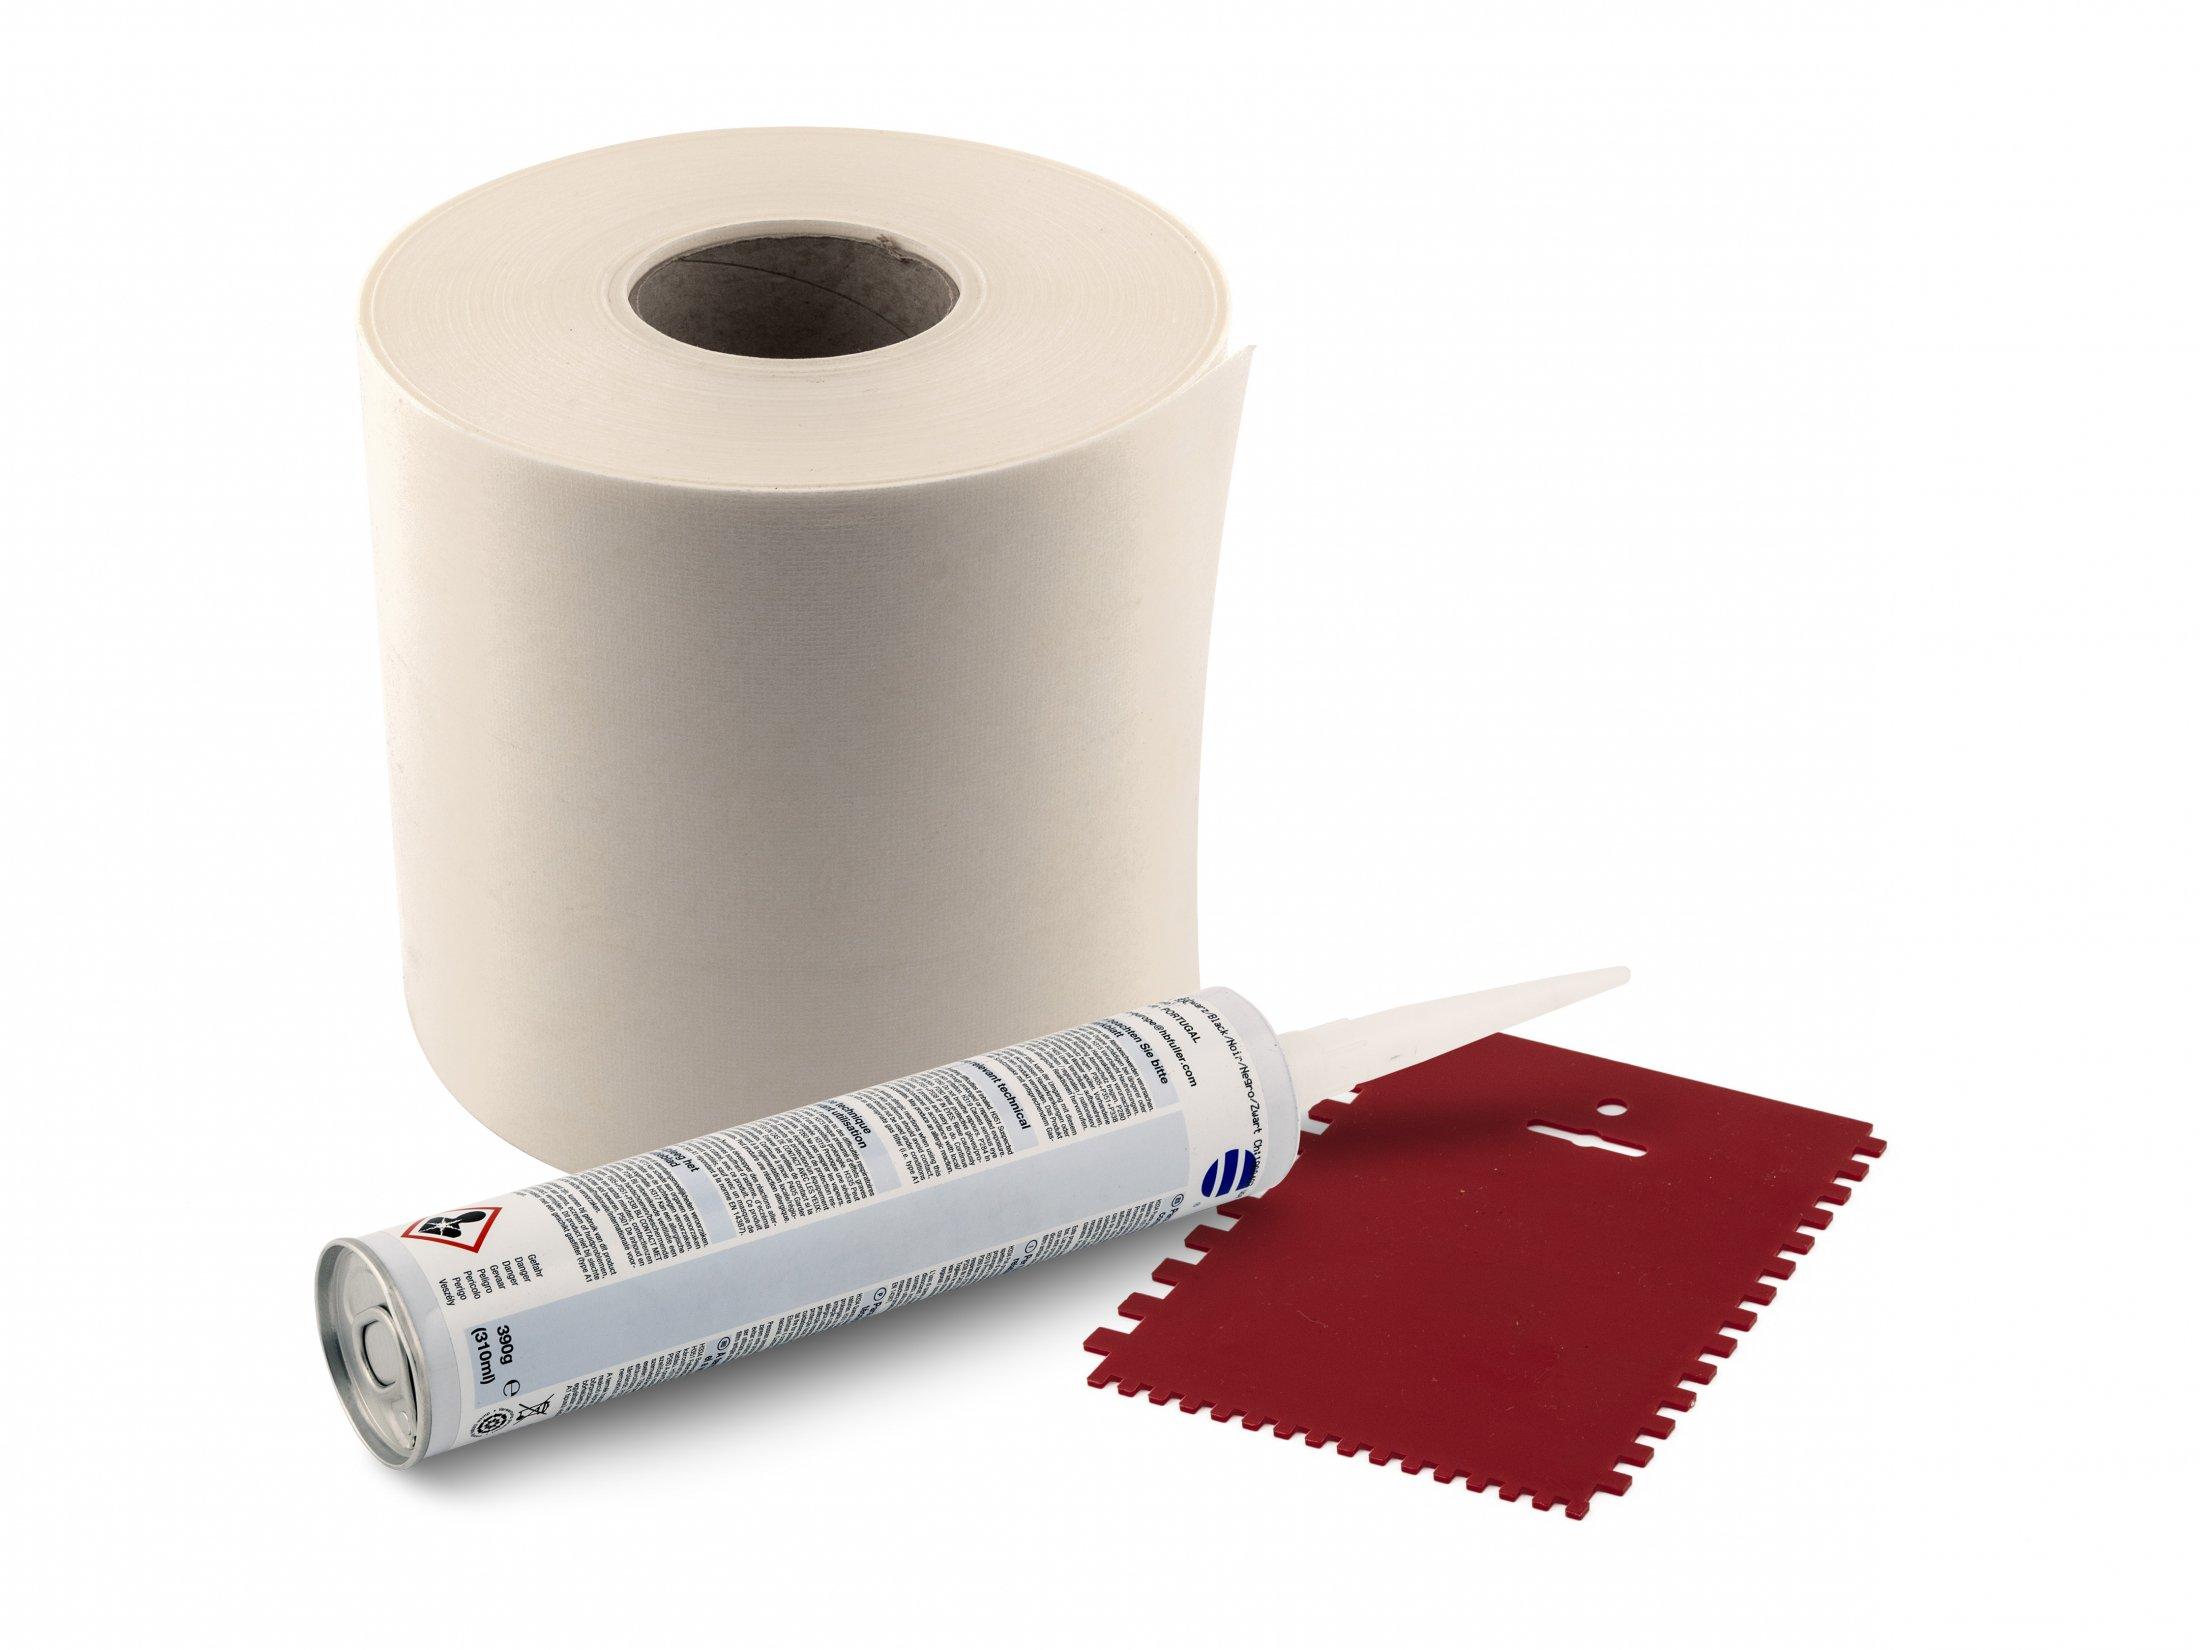 Glue kit